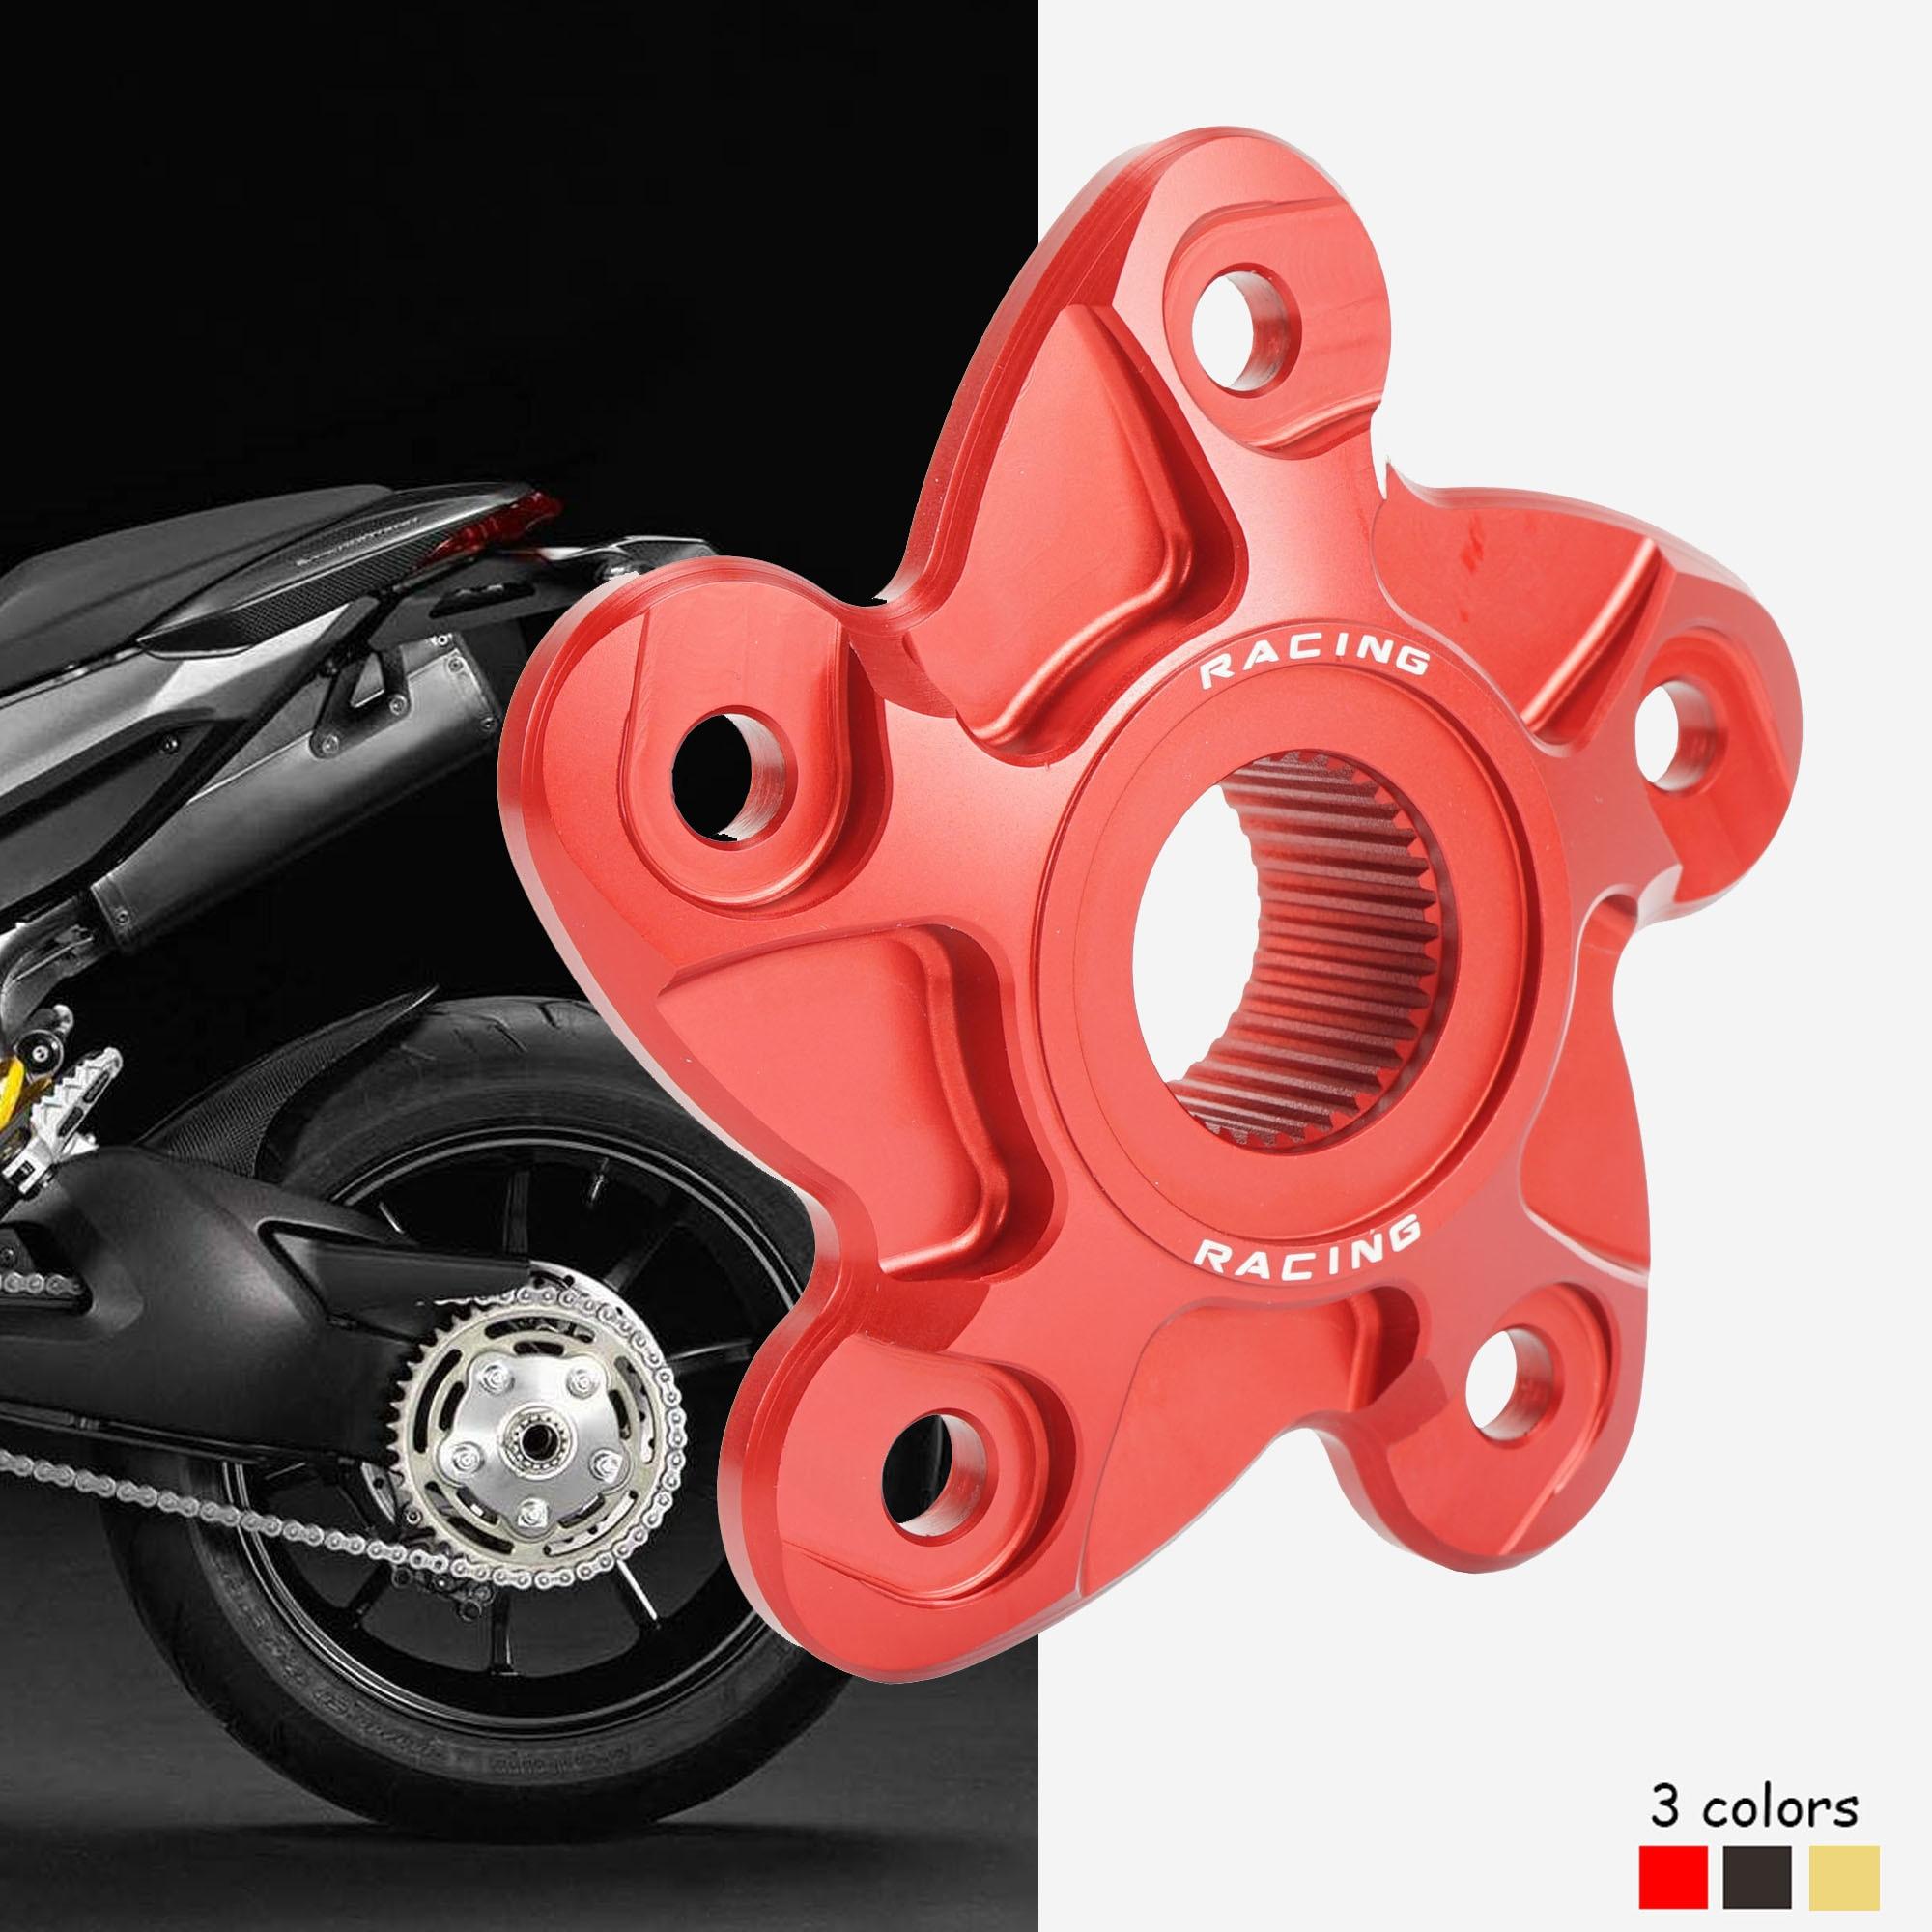 Cubierta de brida de piñón trasero de motocicleta para Ducati Hyperstrada821 Hyperstrada 939 Hypermotard 796 1100 1100S 1100 EVO